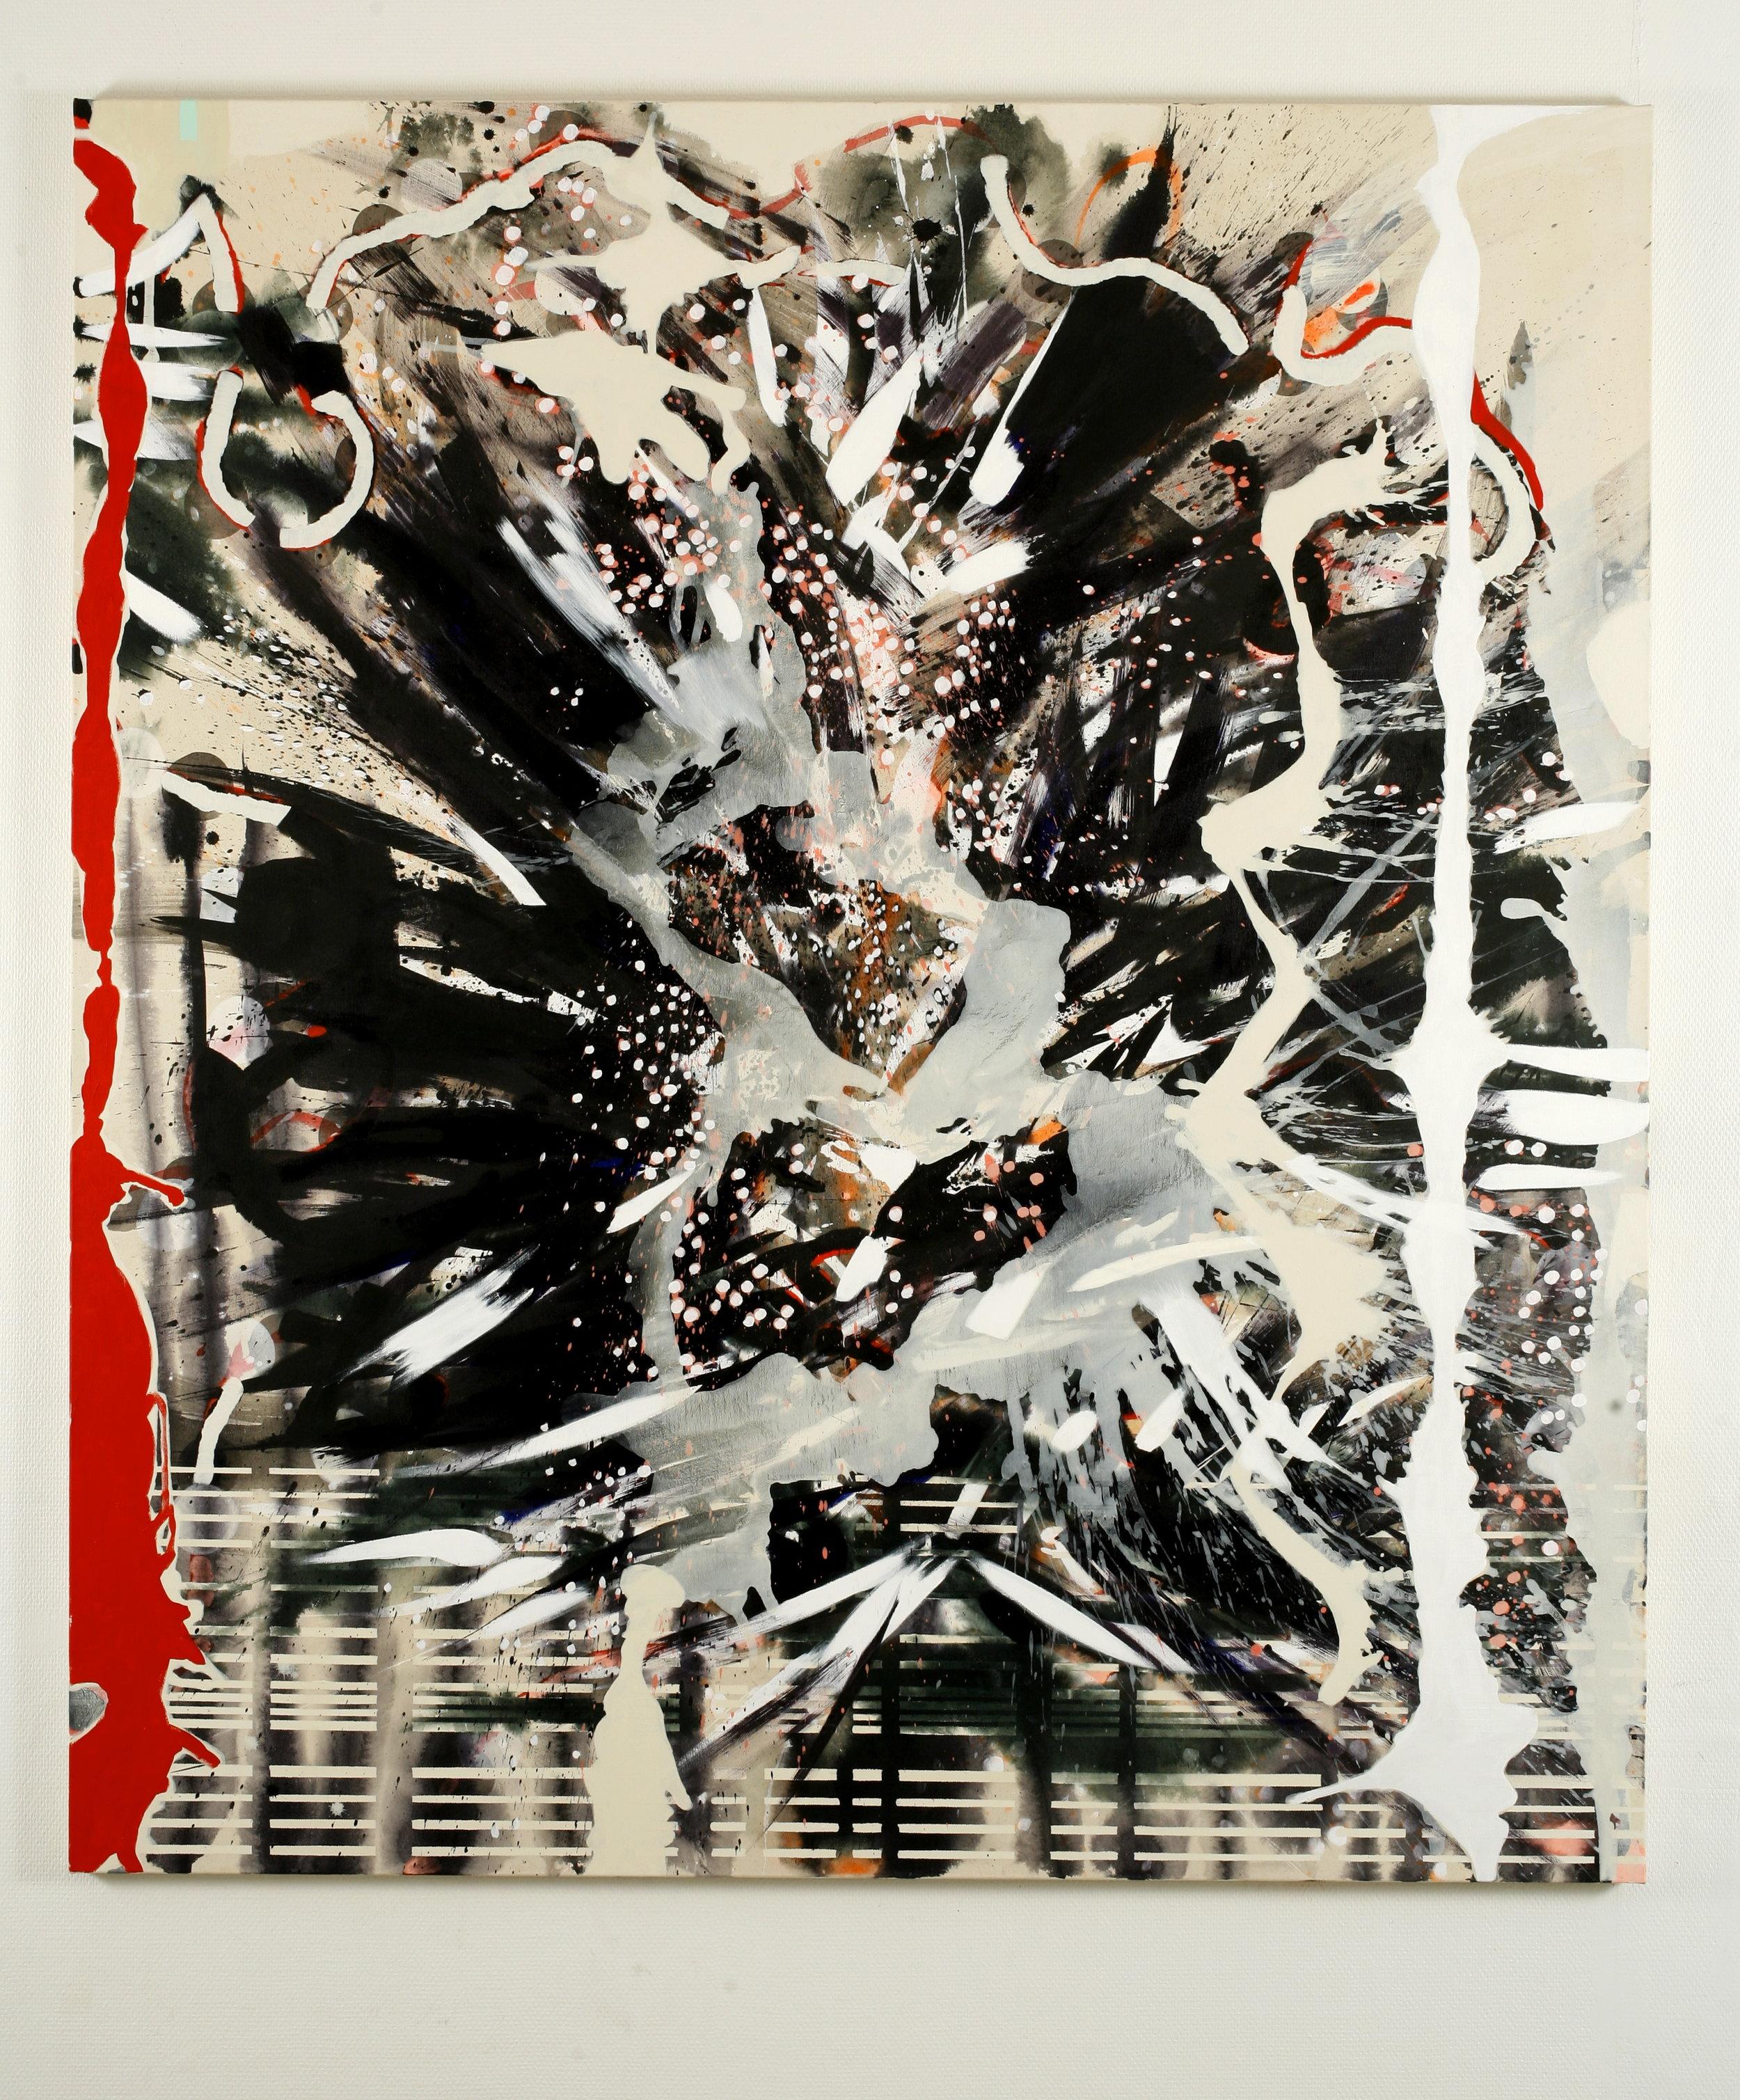 Temperamental meditation 4 – 180x160cm – acrylic on canvas  - 2007